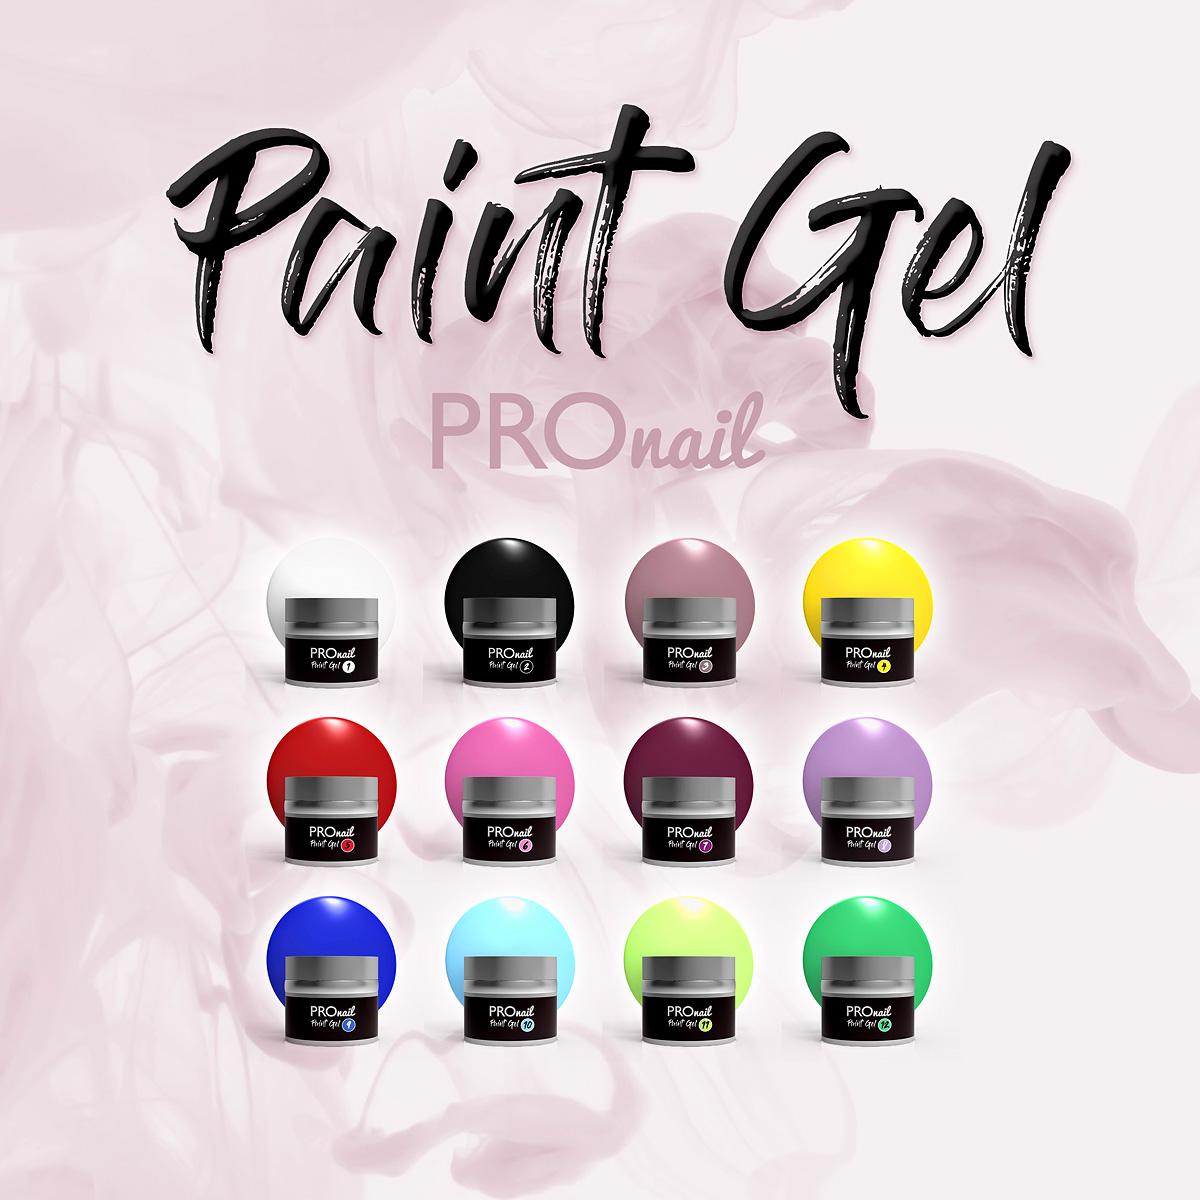 Paint Gel PROnail - żele do zdobień, paint żele, żele do zdobienia paznokci